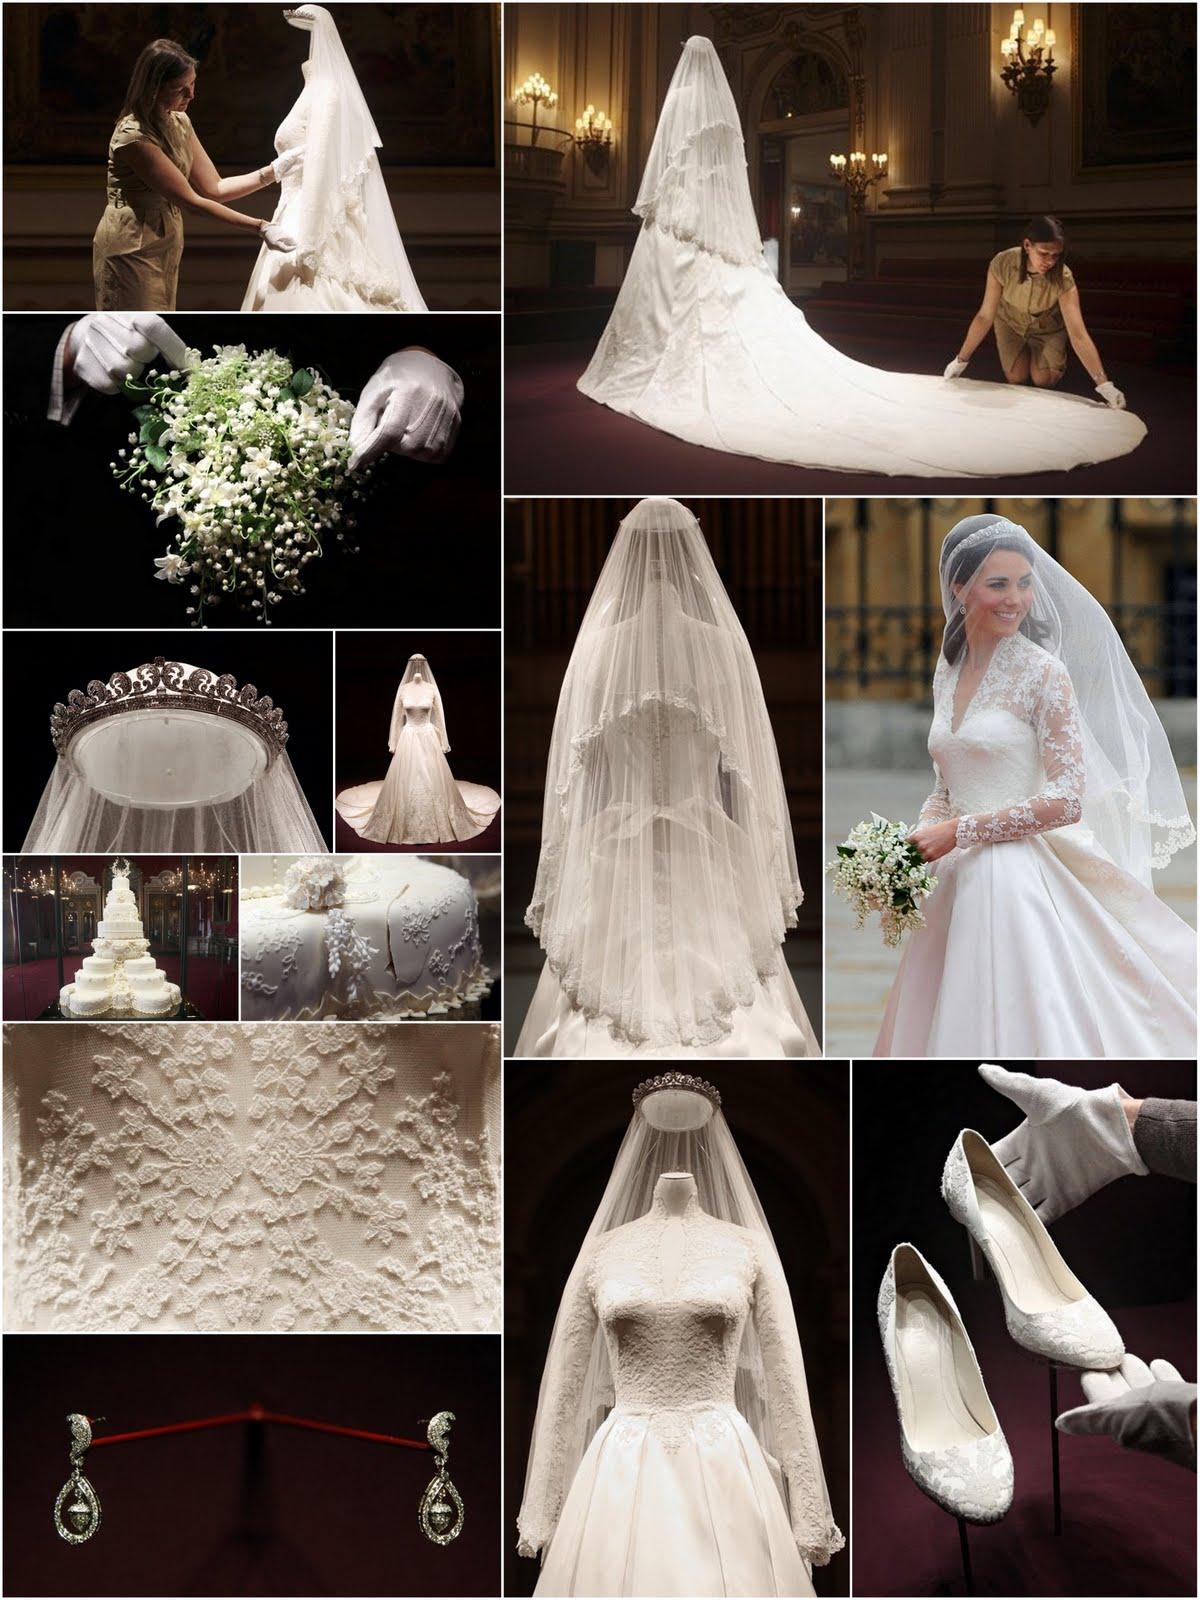 True fashionista now kate middleton 39 s wedding dress on for Wedding dress kate middleton style